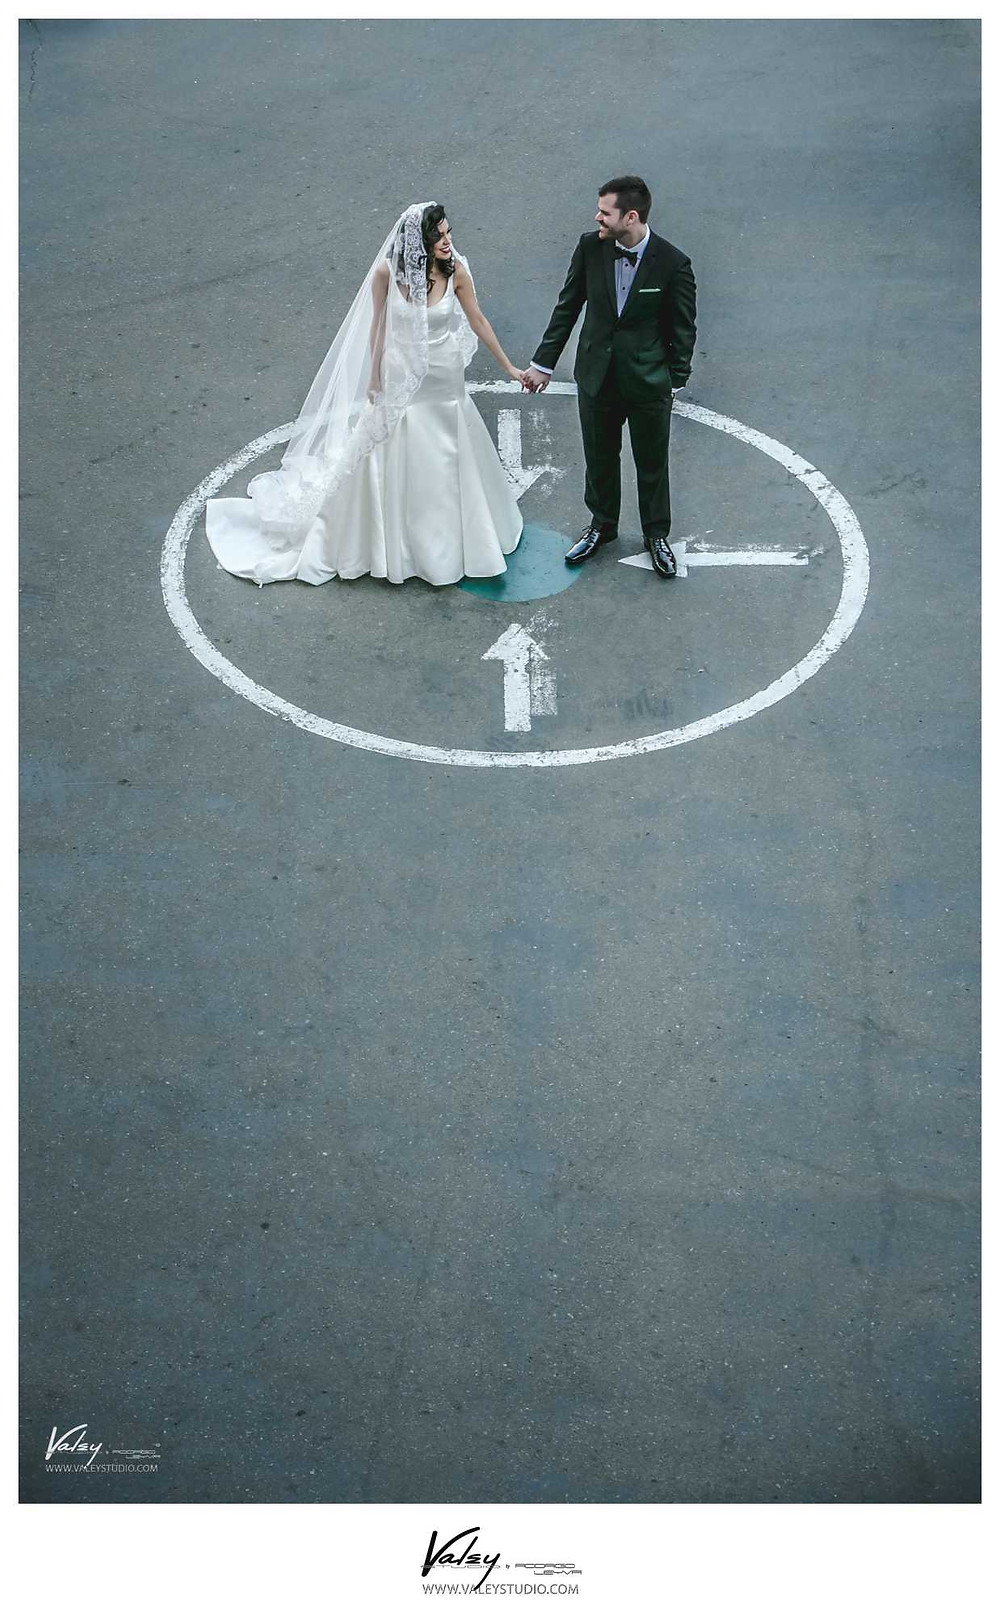 wedding-valeystudio-real-del-rio-tijuana-20.jpg